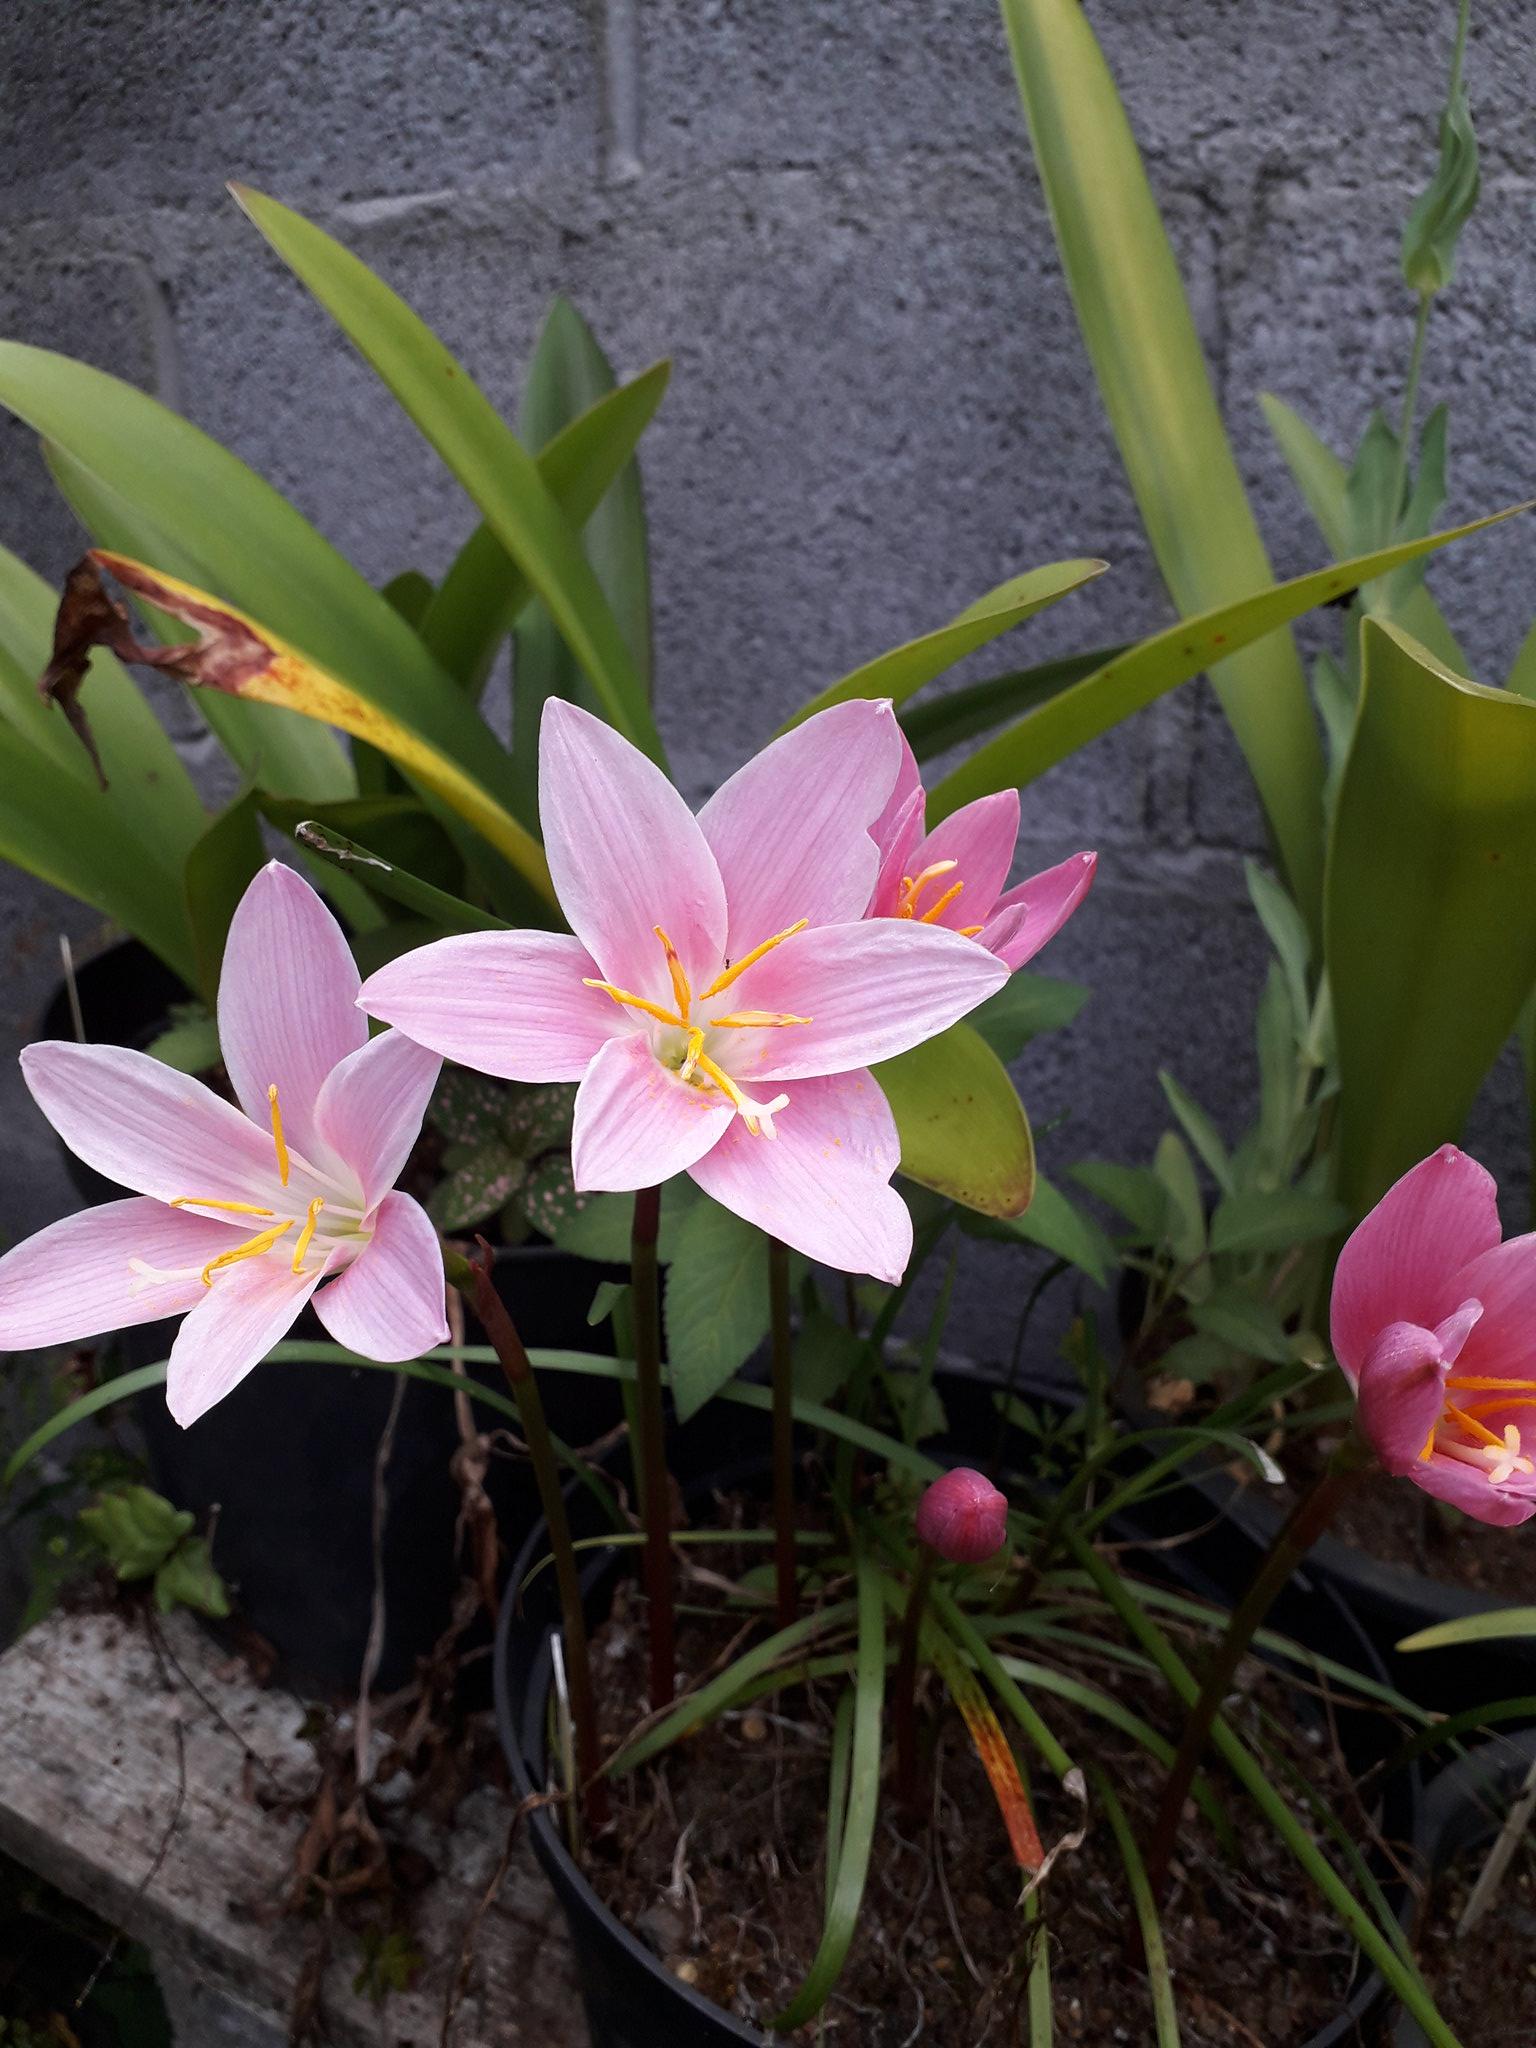 Quelques floraisons du jardin... 50714236413_1ed8a0de2e_k